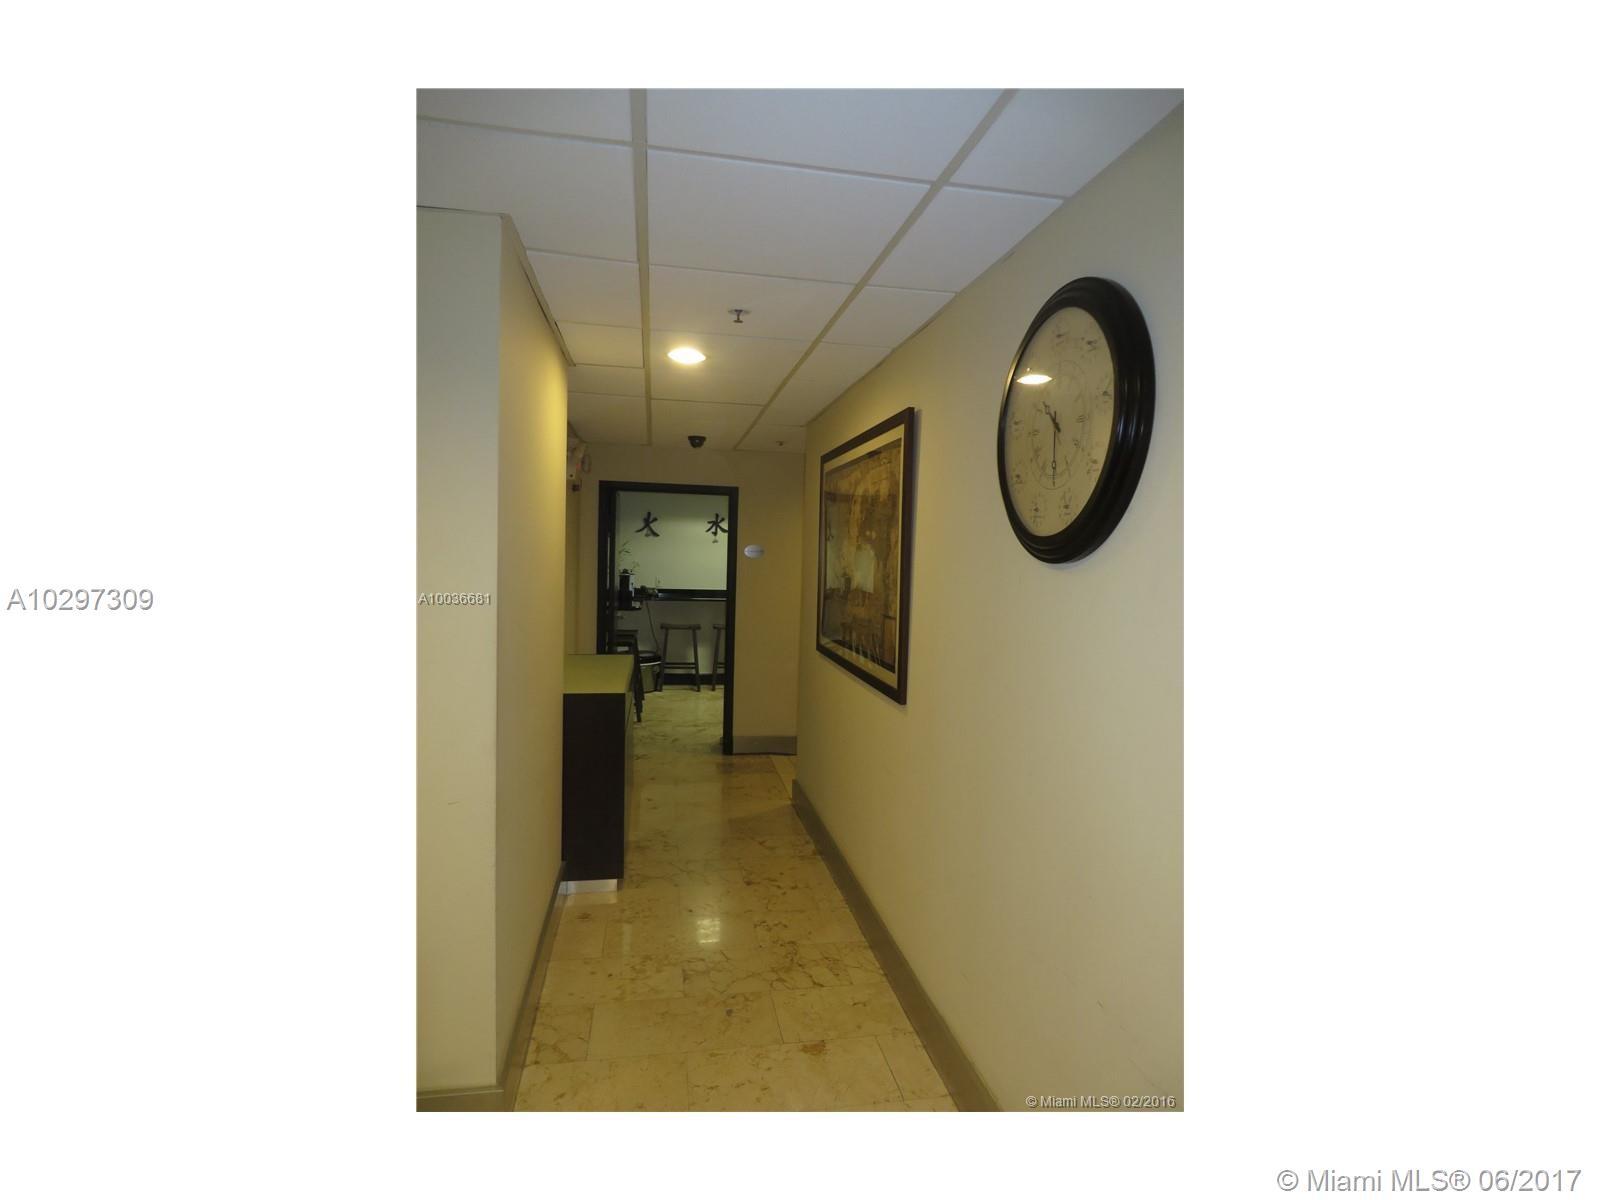 1110 BRICKELL AVE SUITE 4, Miami, FL 33131